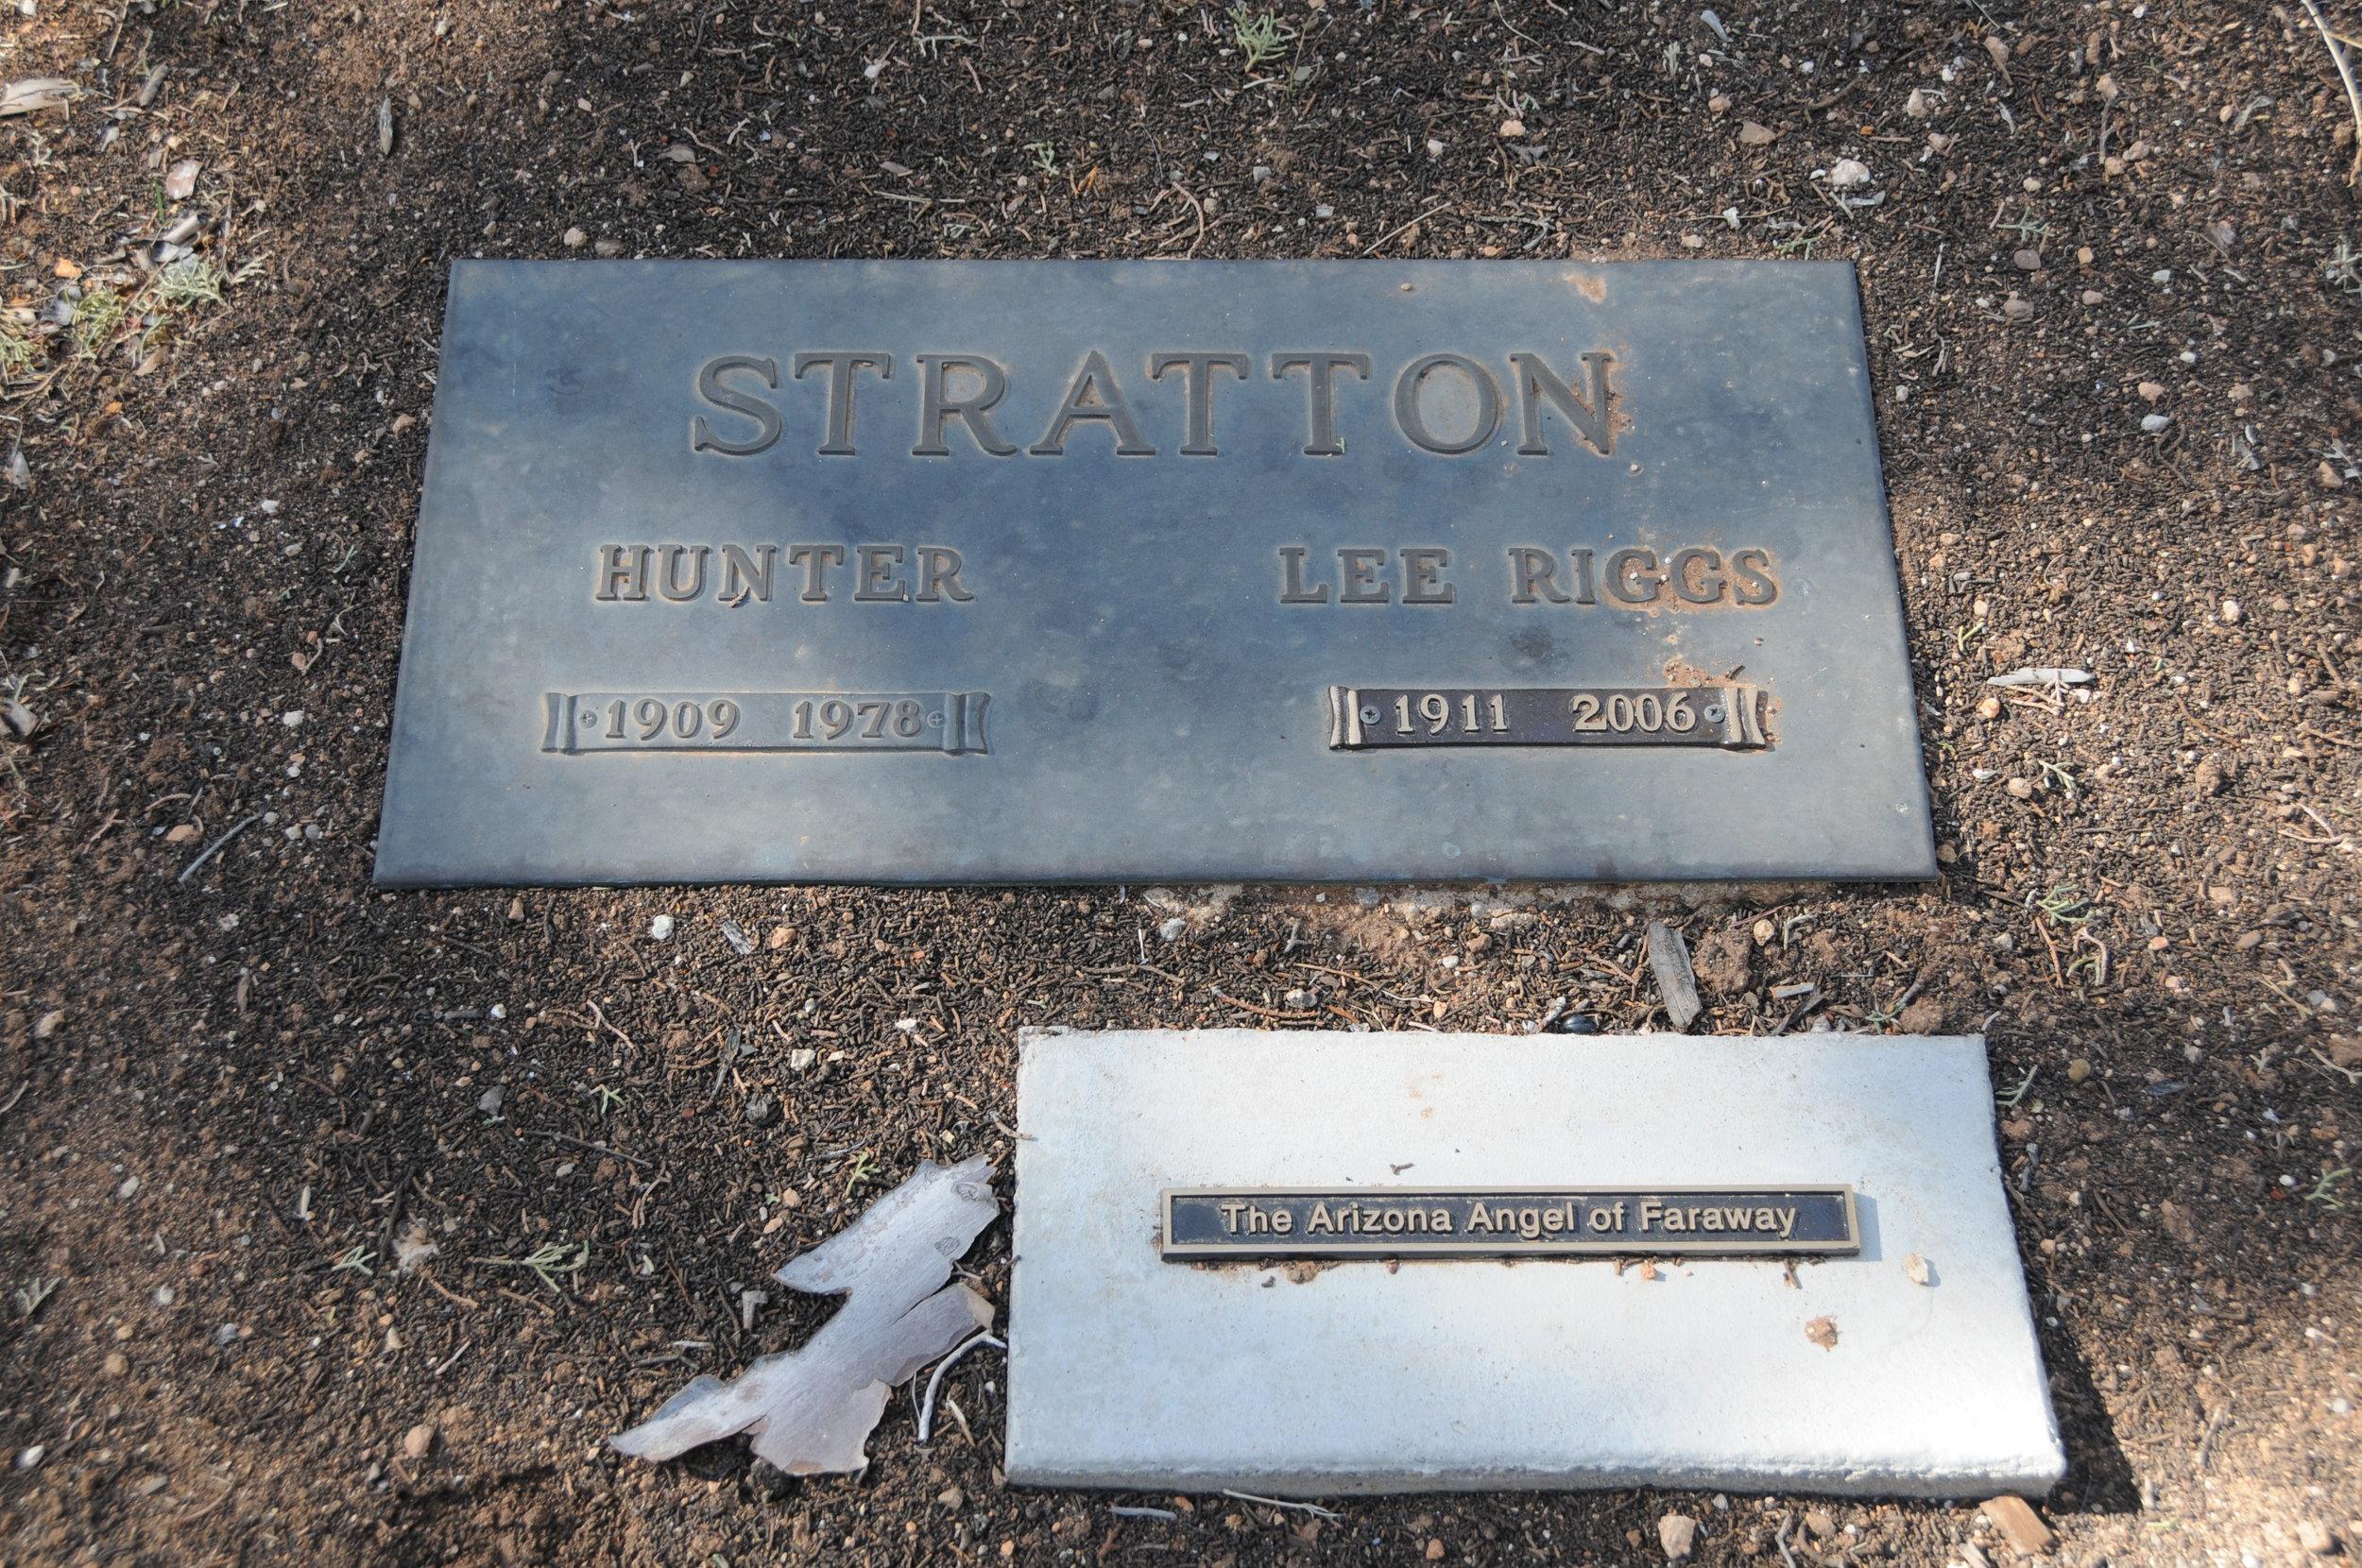 2f EULA LEE (RIGGS) & HUNTER STRATTON